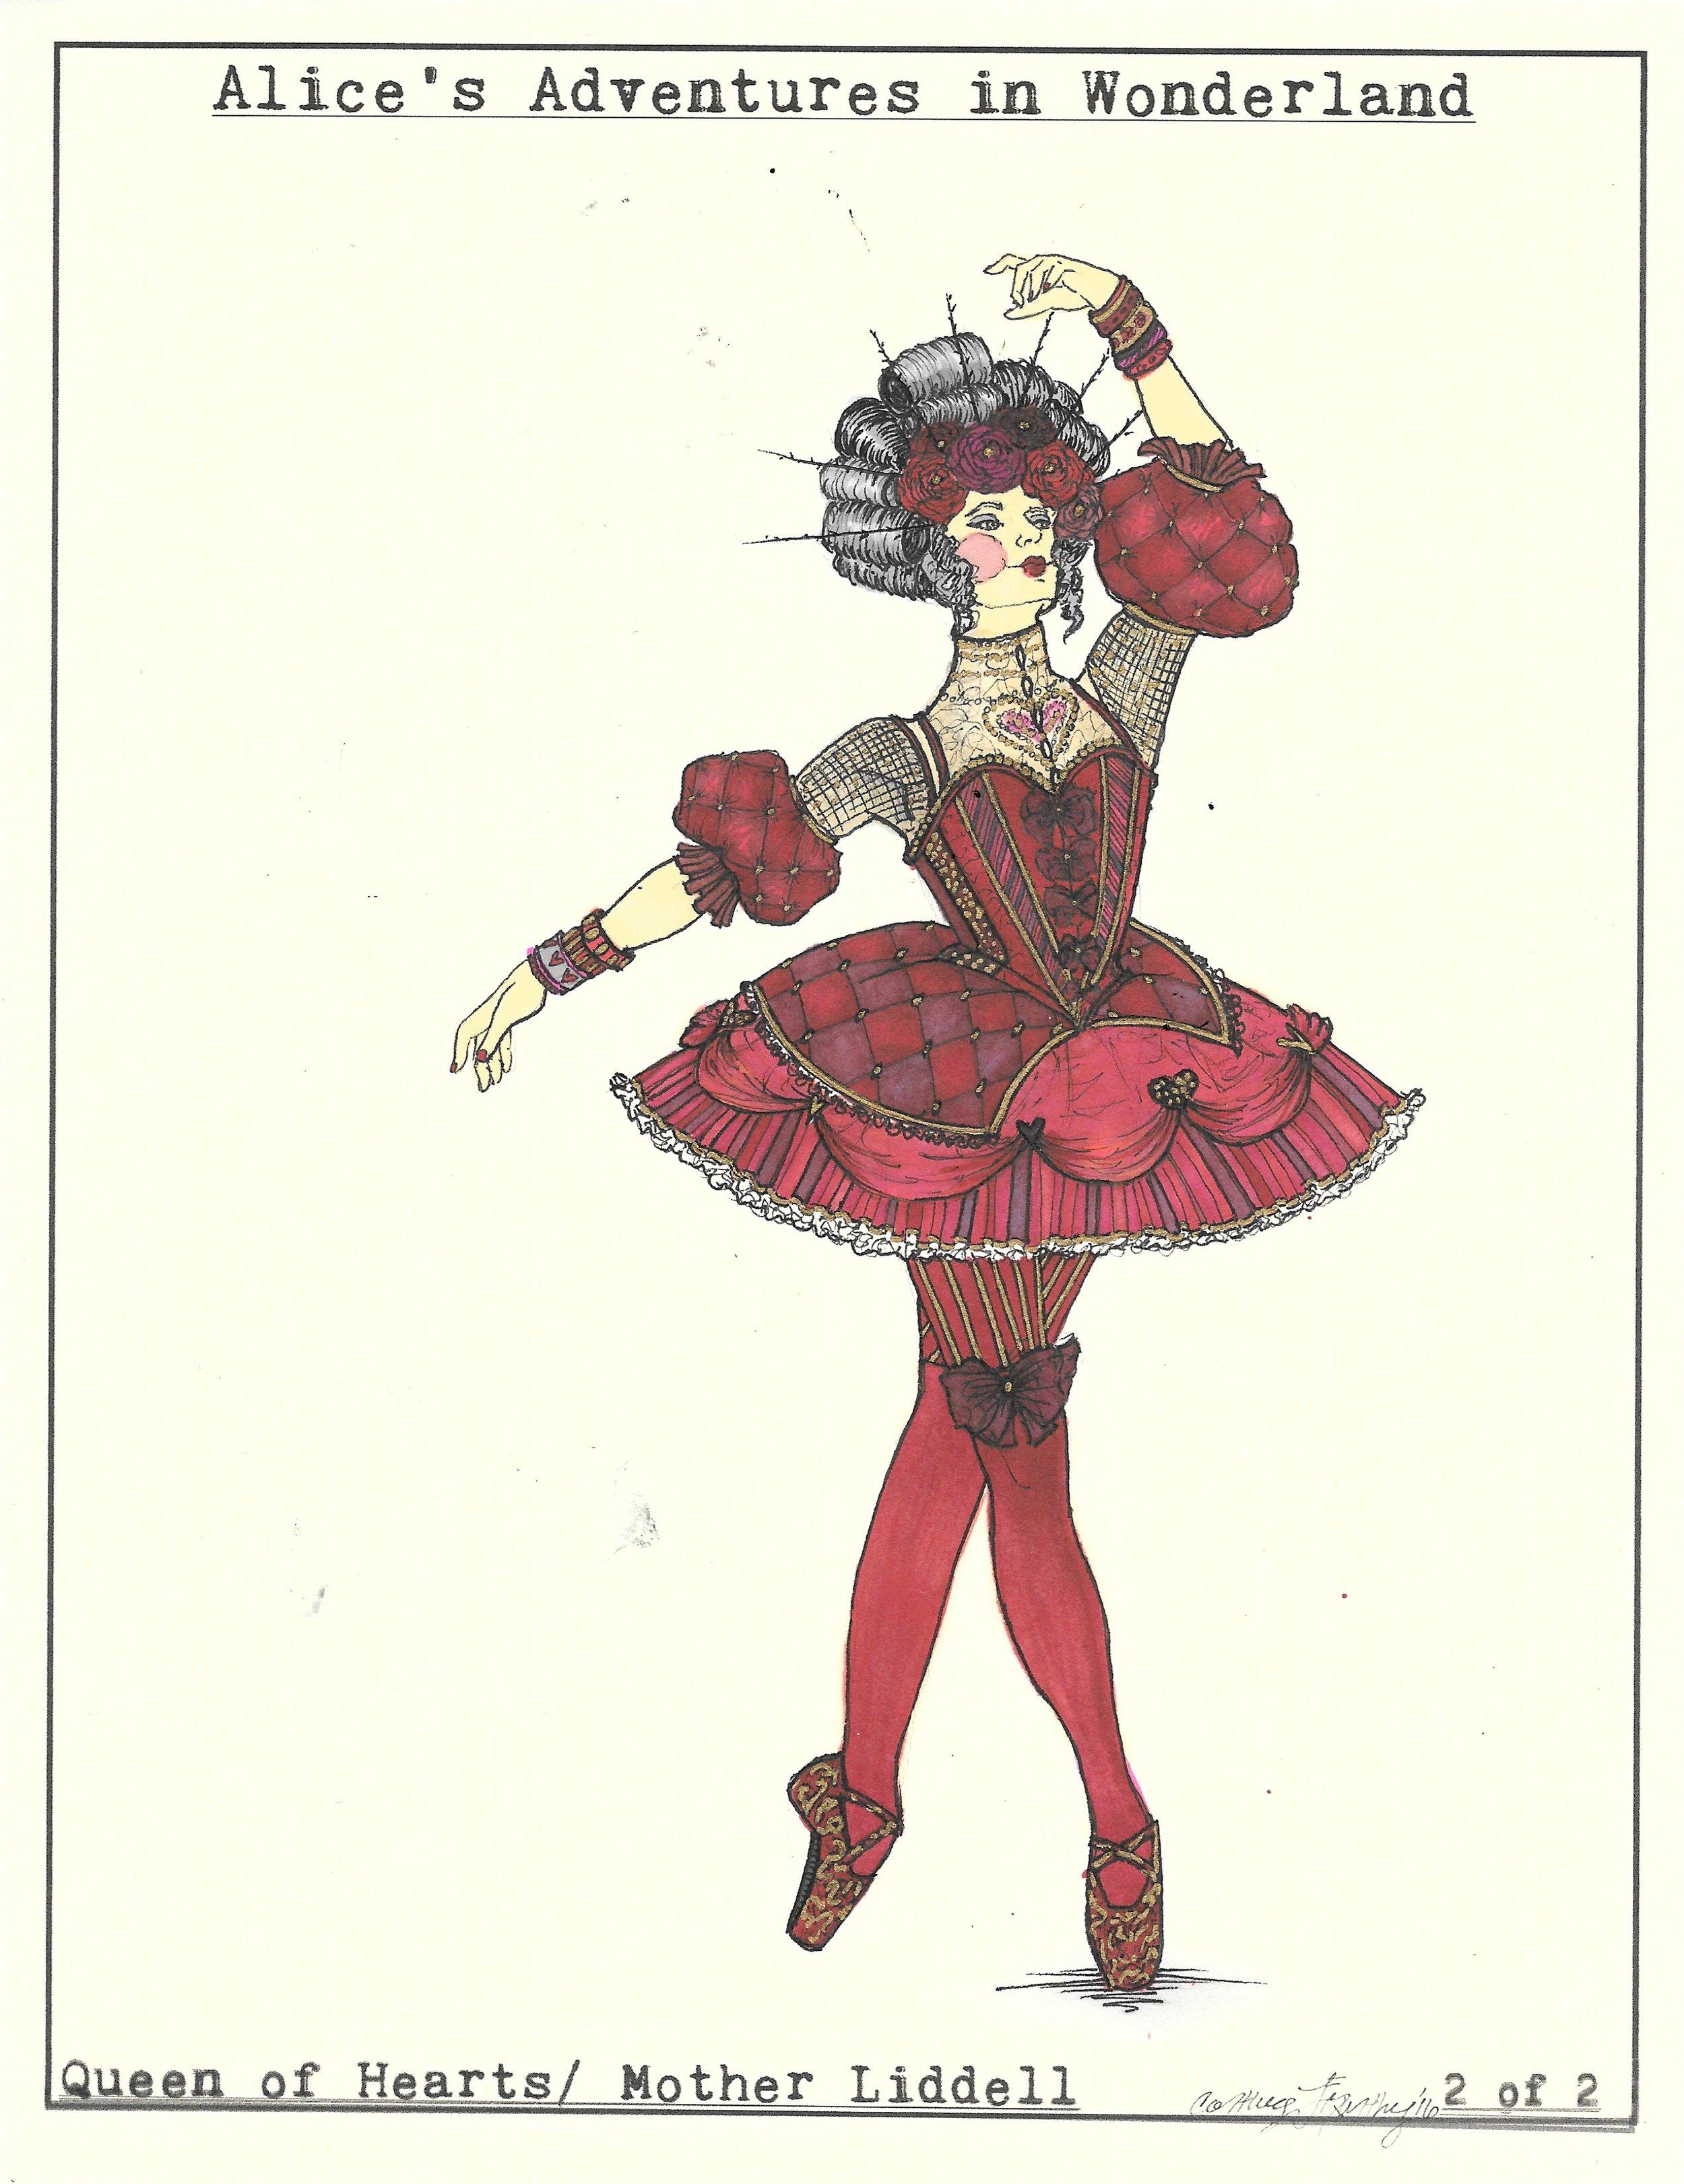 Queen of Hearts 2 of 2. Wonderland